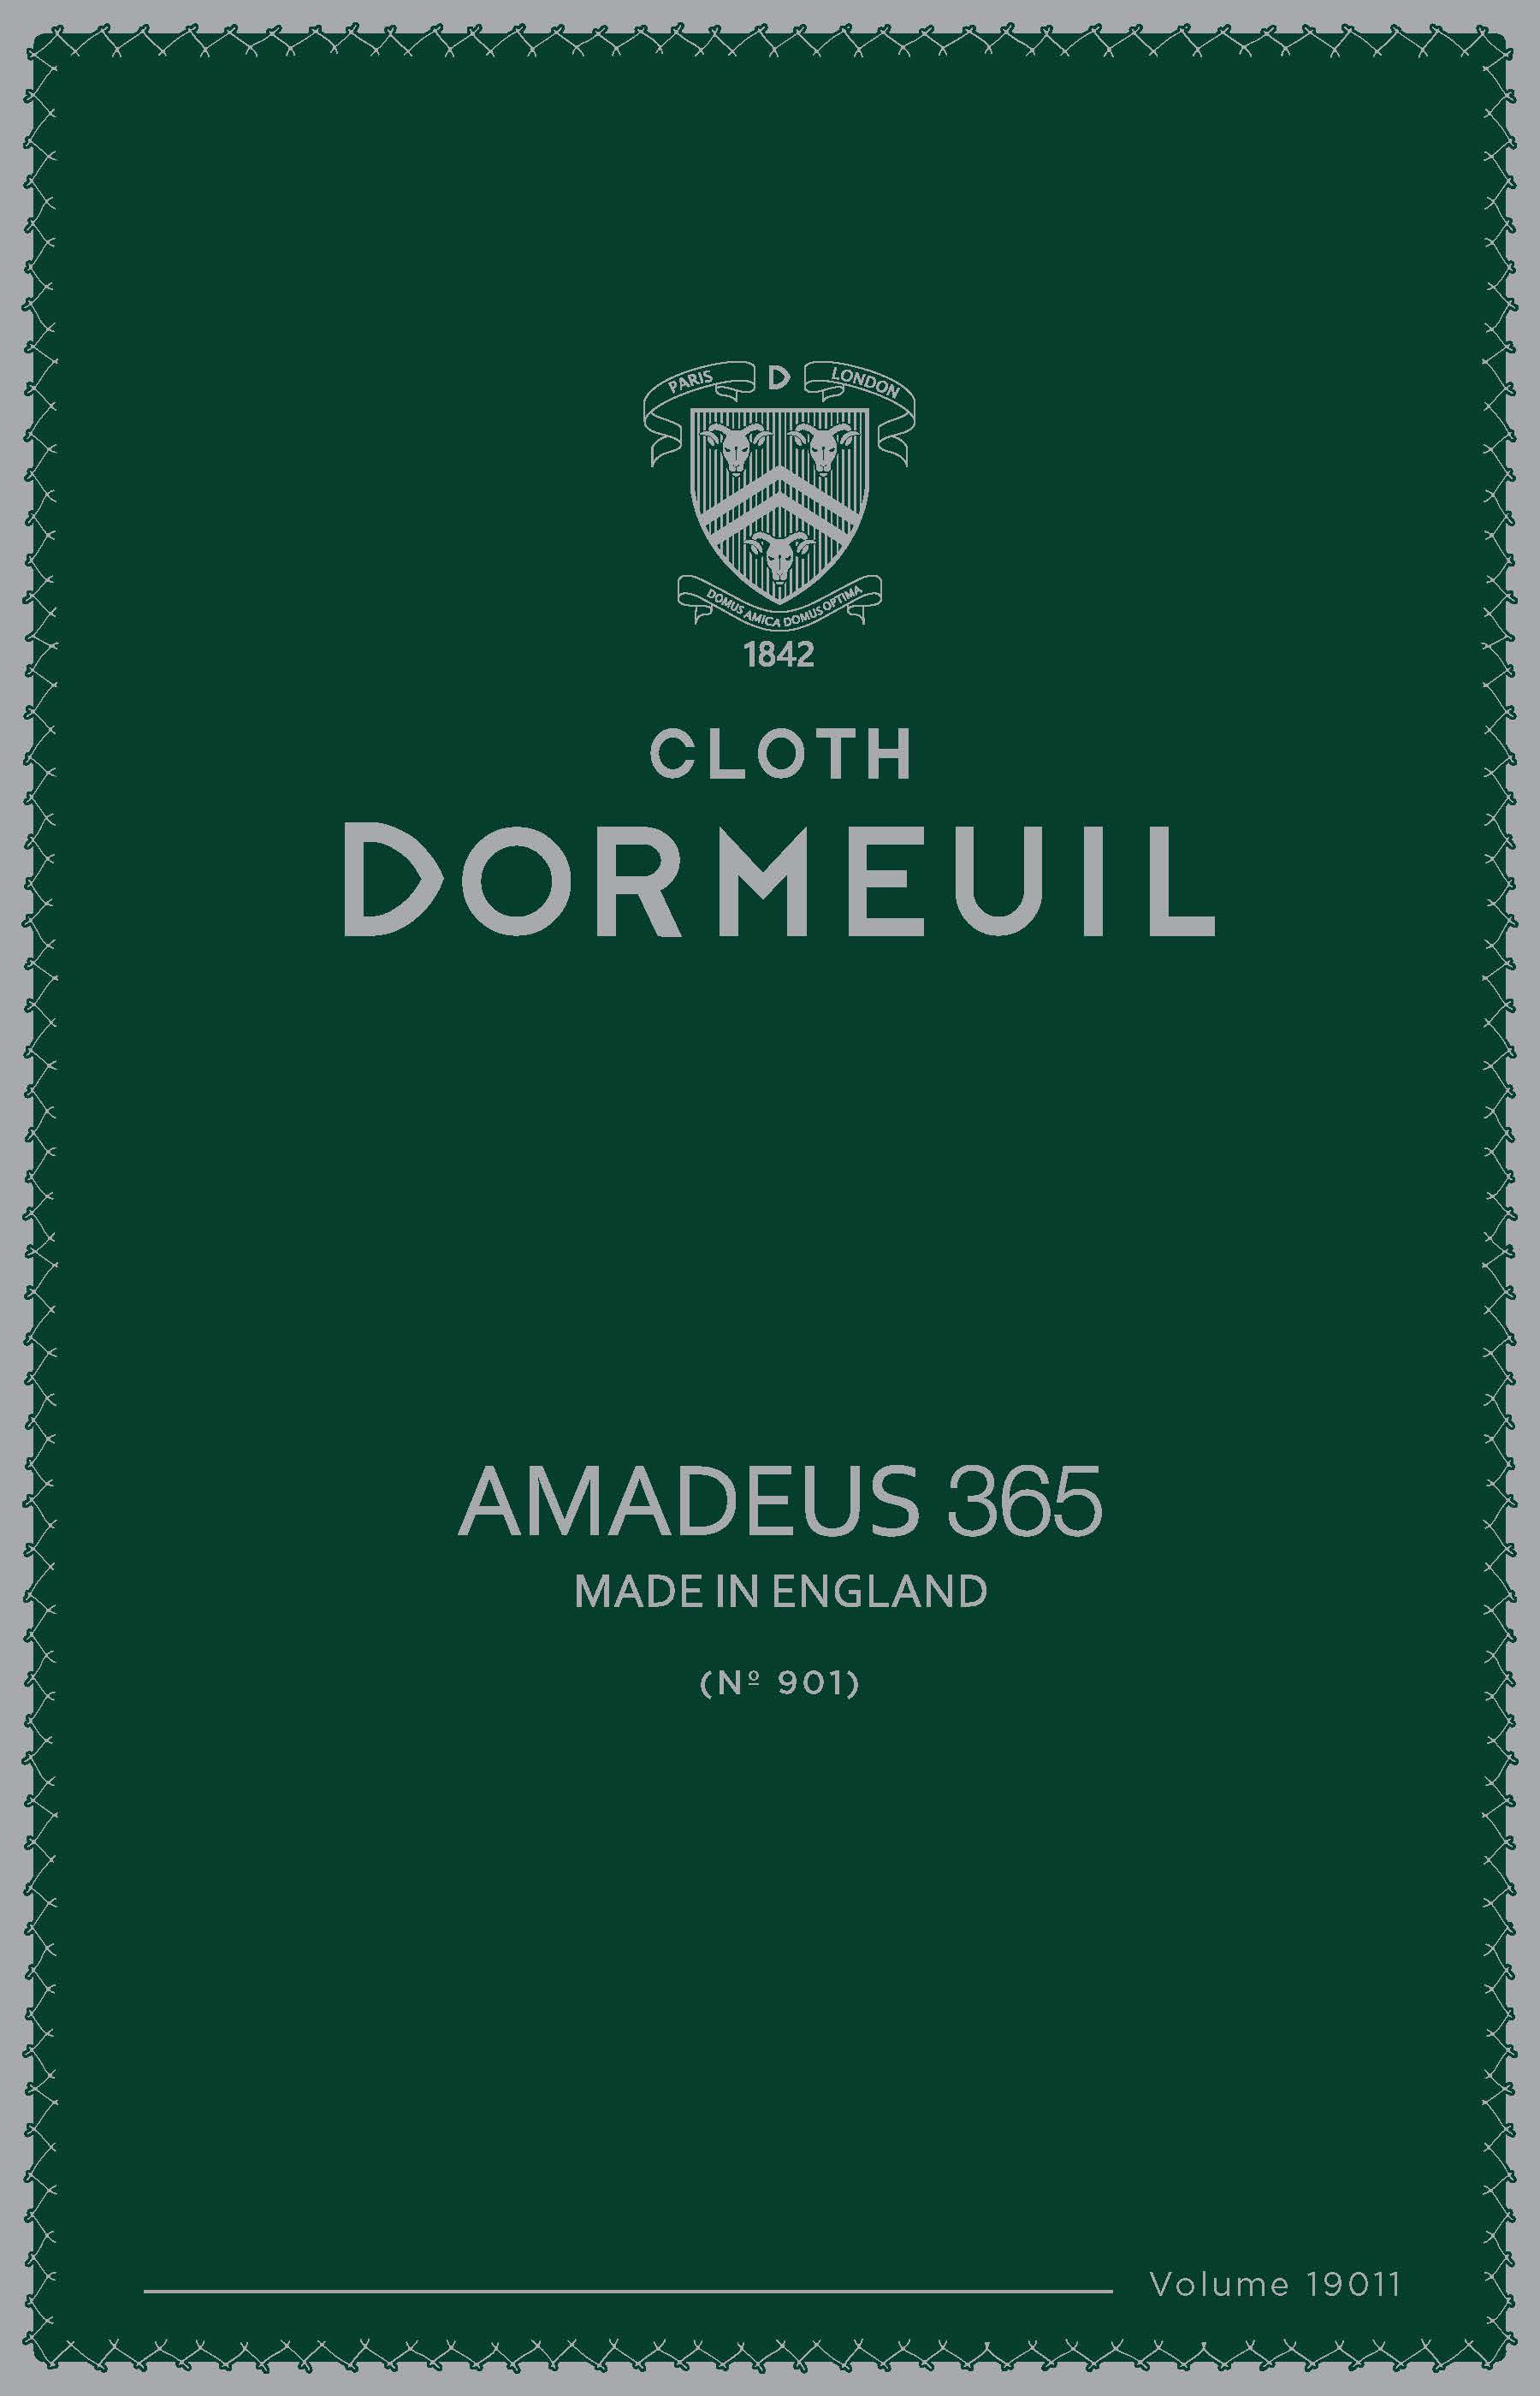 Dormeuil_Amadeus-365_V19011_DIGITAL.jpg